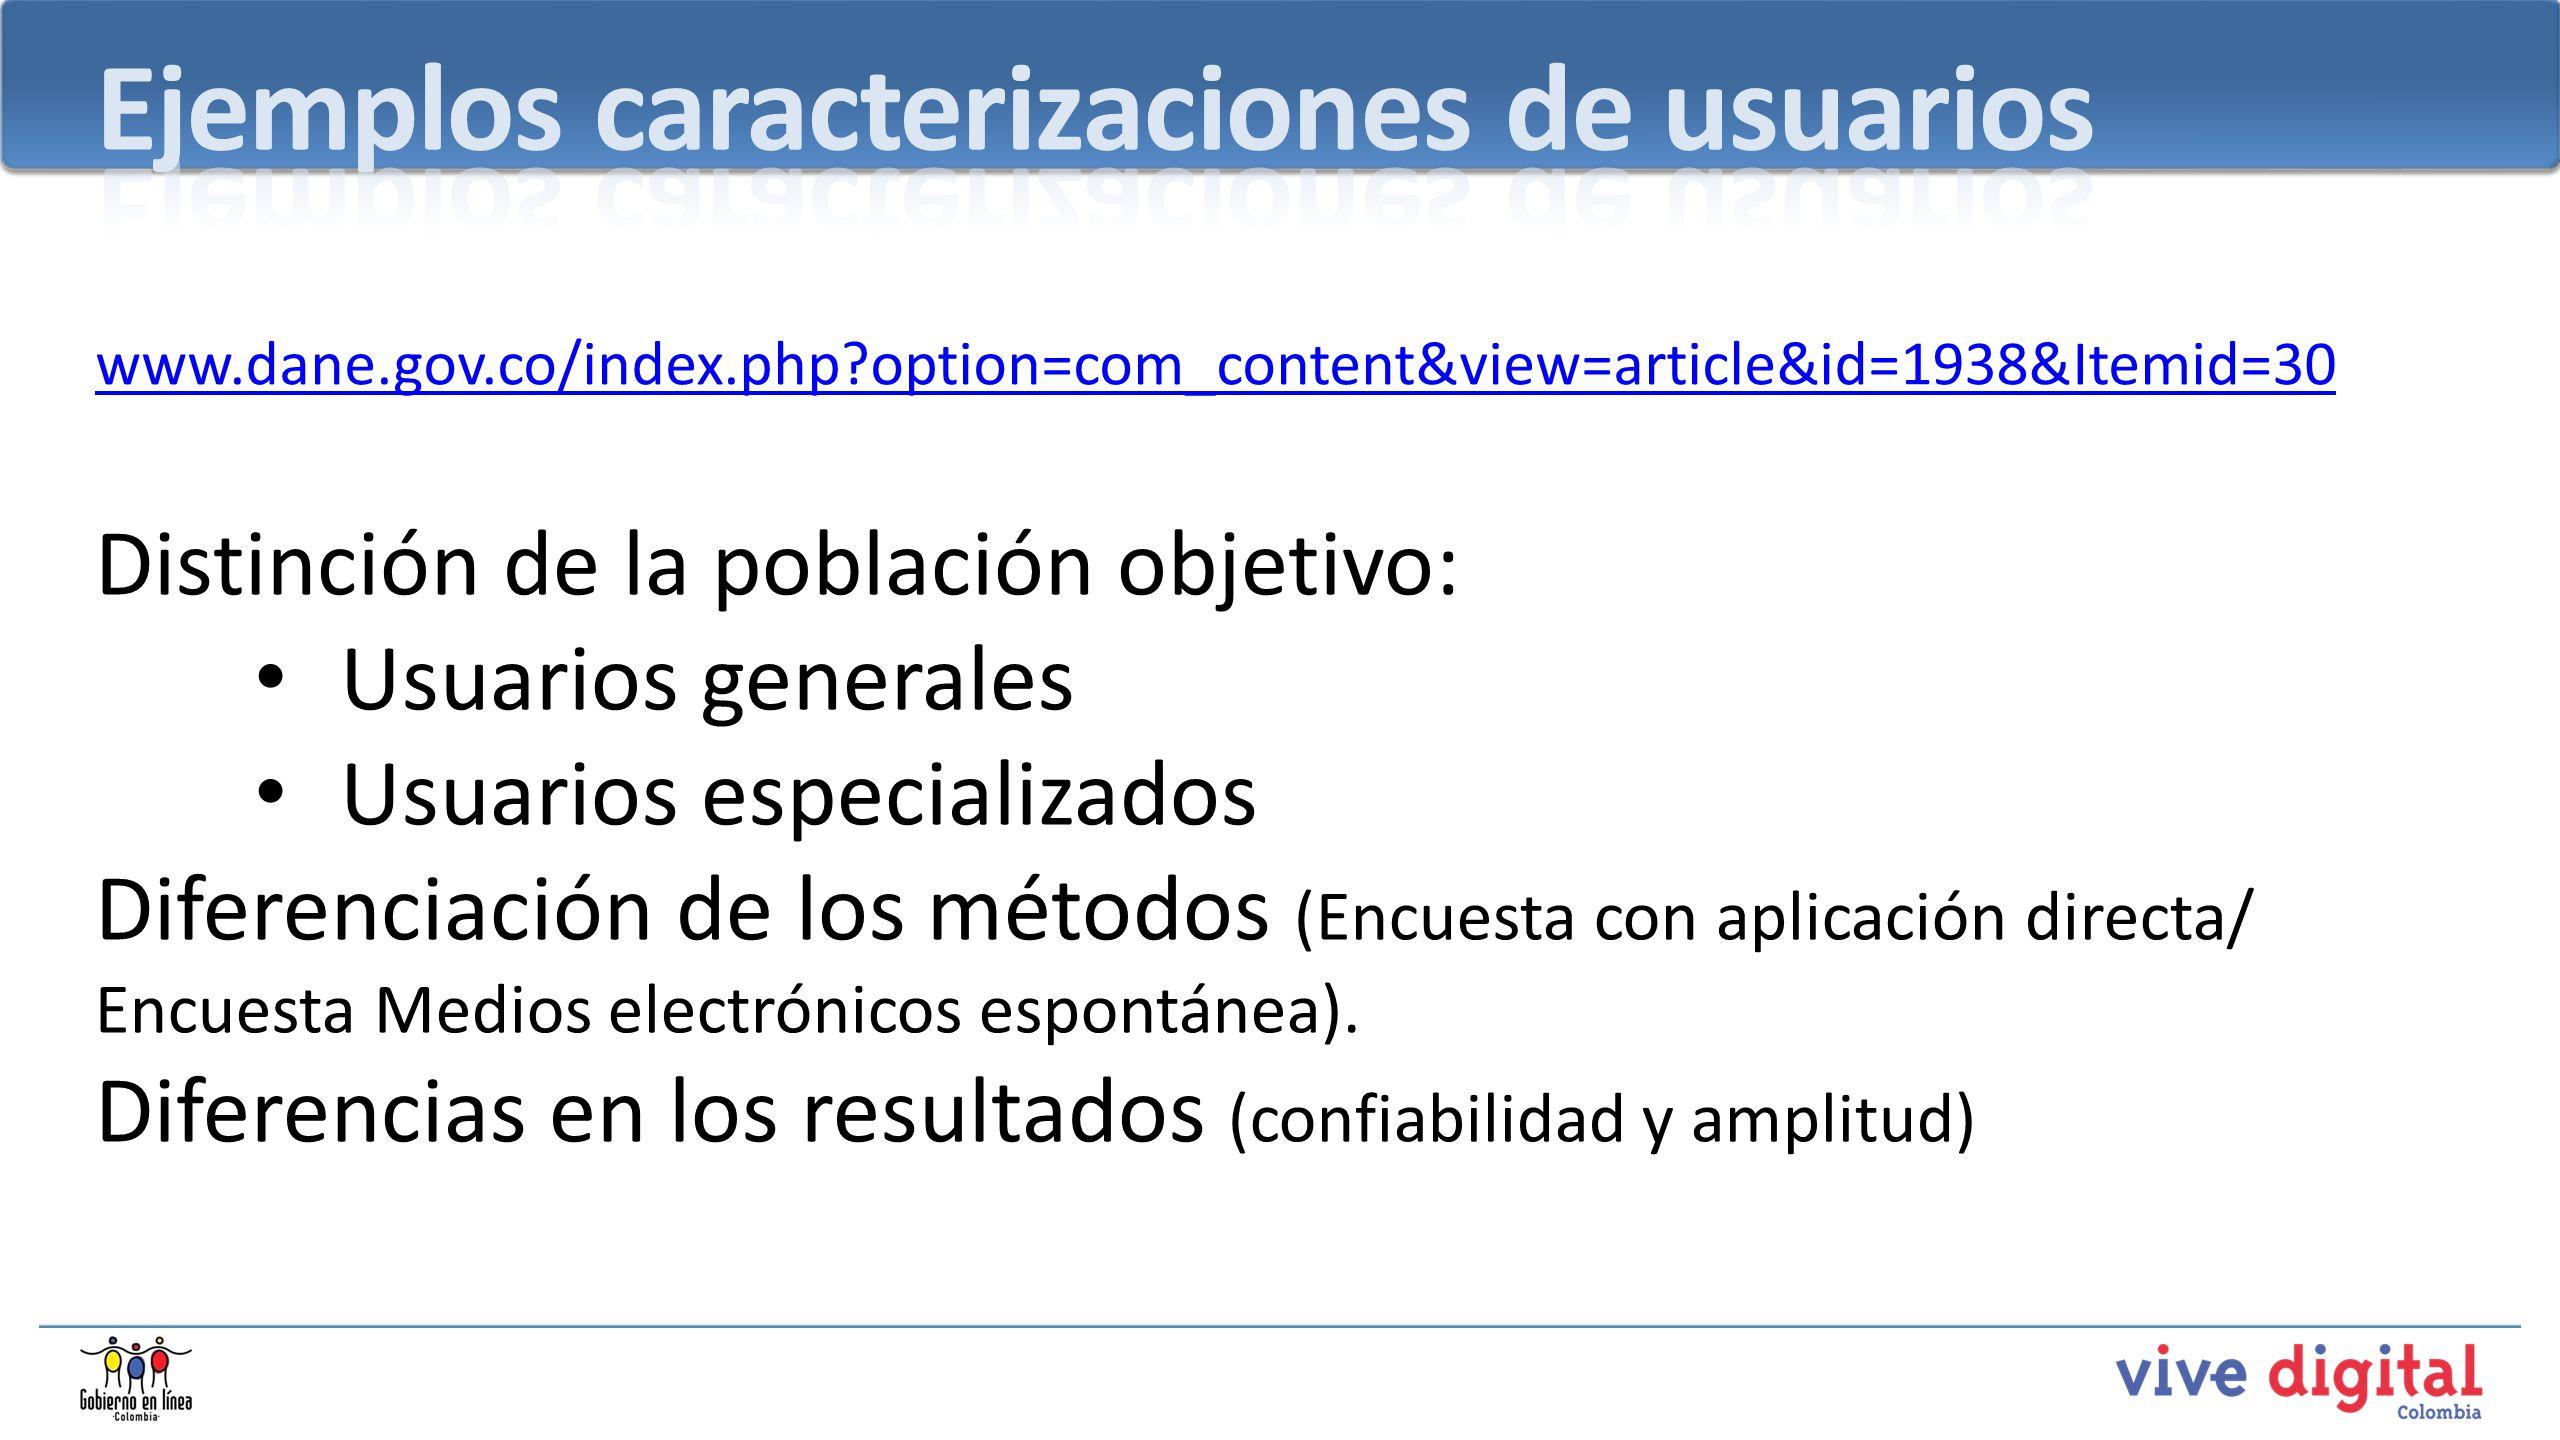 Ejemplos caracterizaciones de usuarios